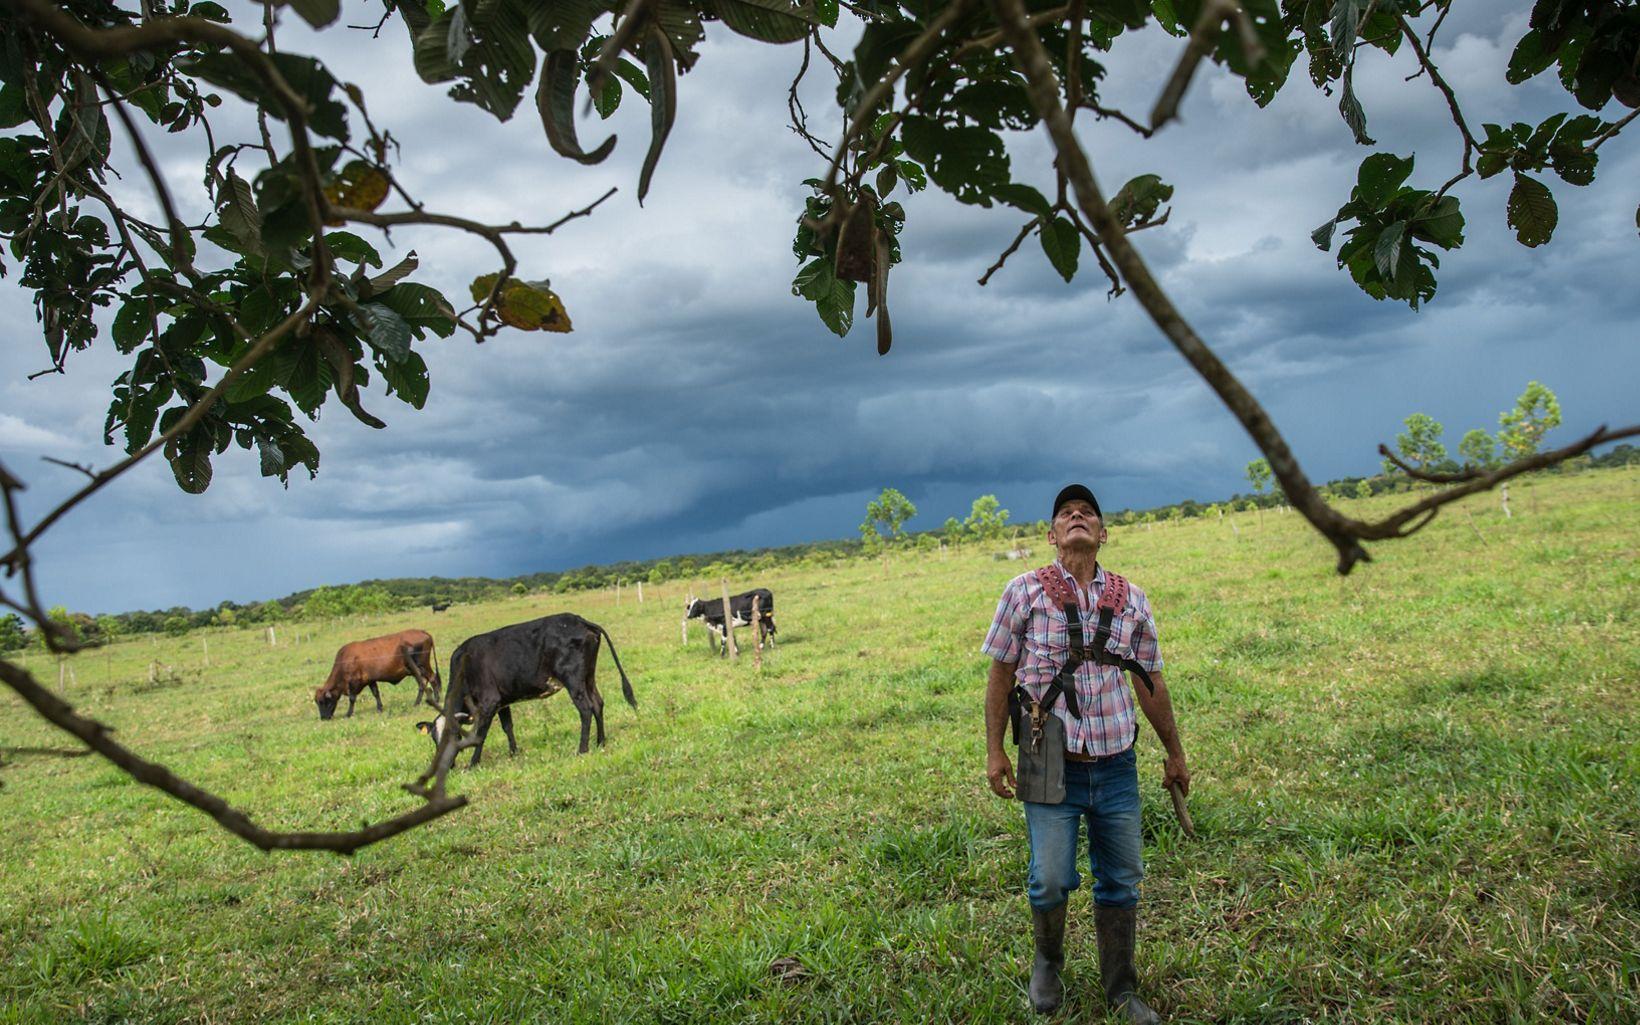 Edilson pertenece a un gremio profundamente tradicional que apenas ahora ve su potencial para ser parte de la solución climática, y se ha comprometido con corregir errores.